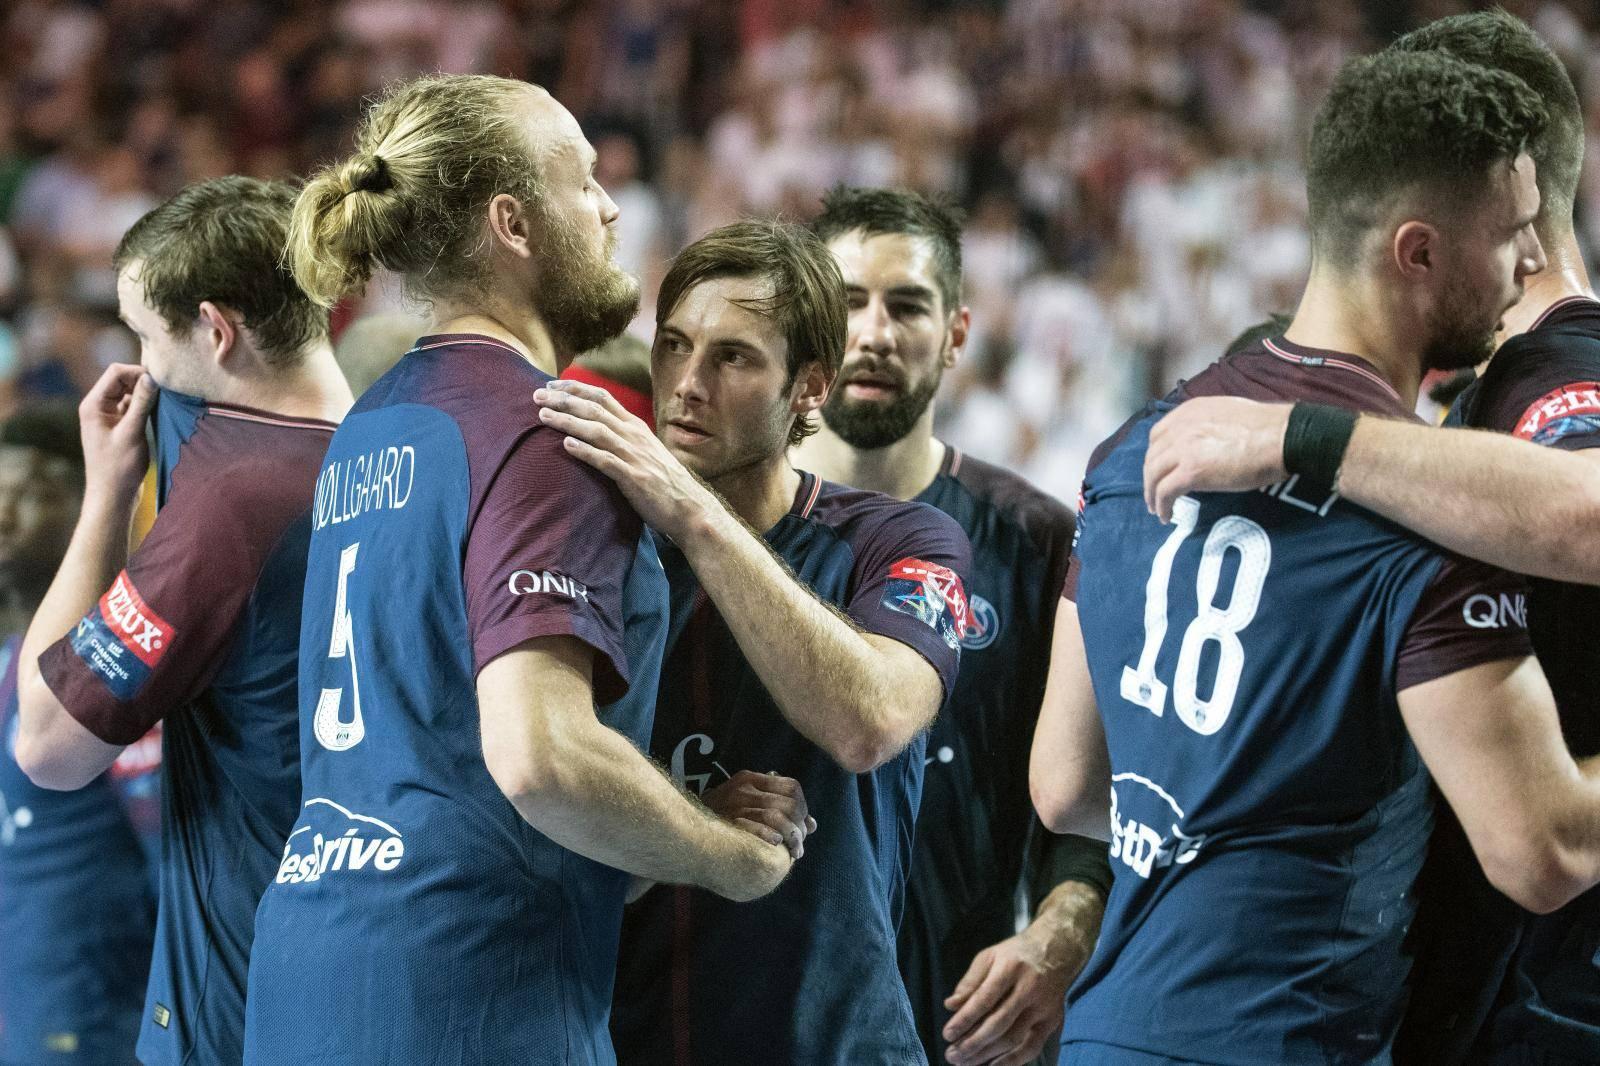 Handball - Paris St. Germain vs Vardar Skopje